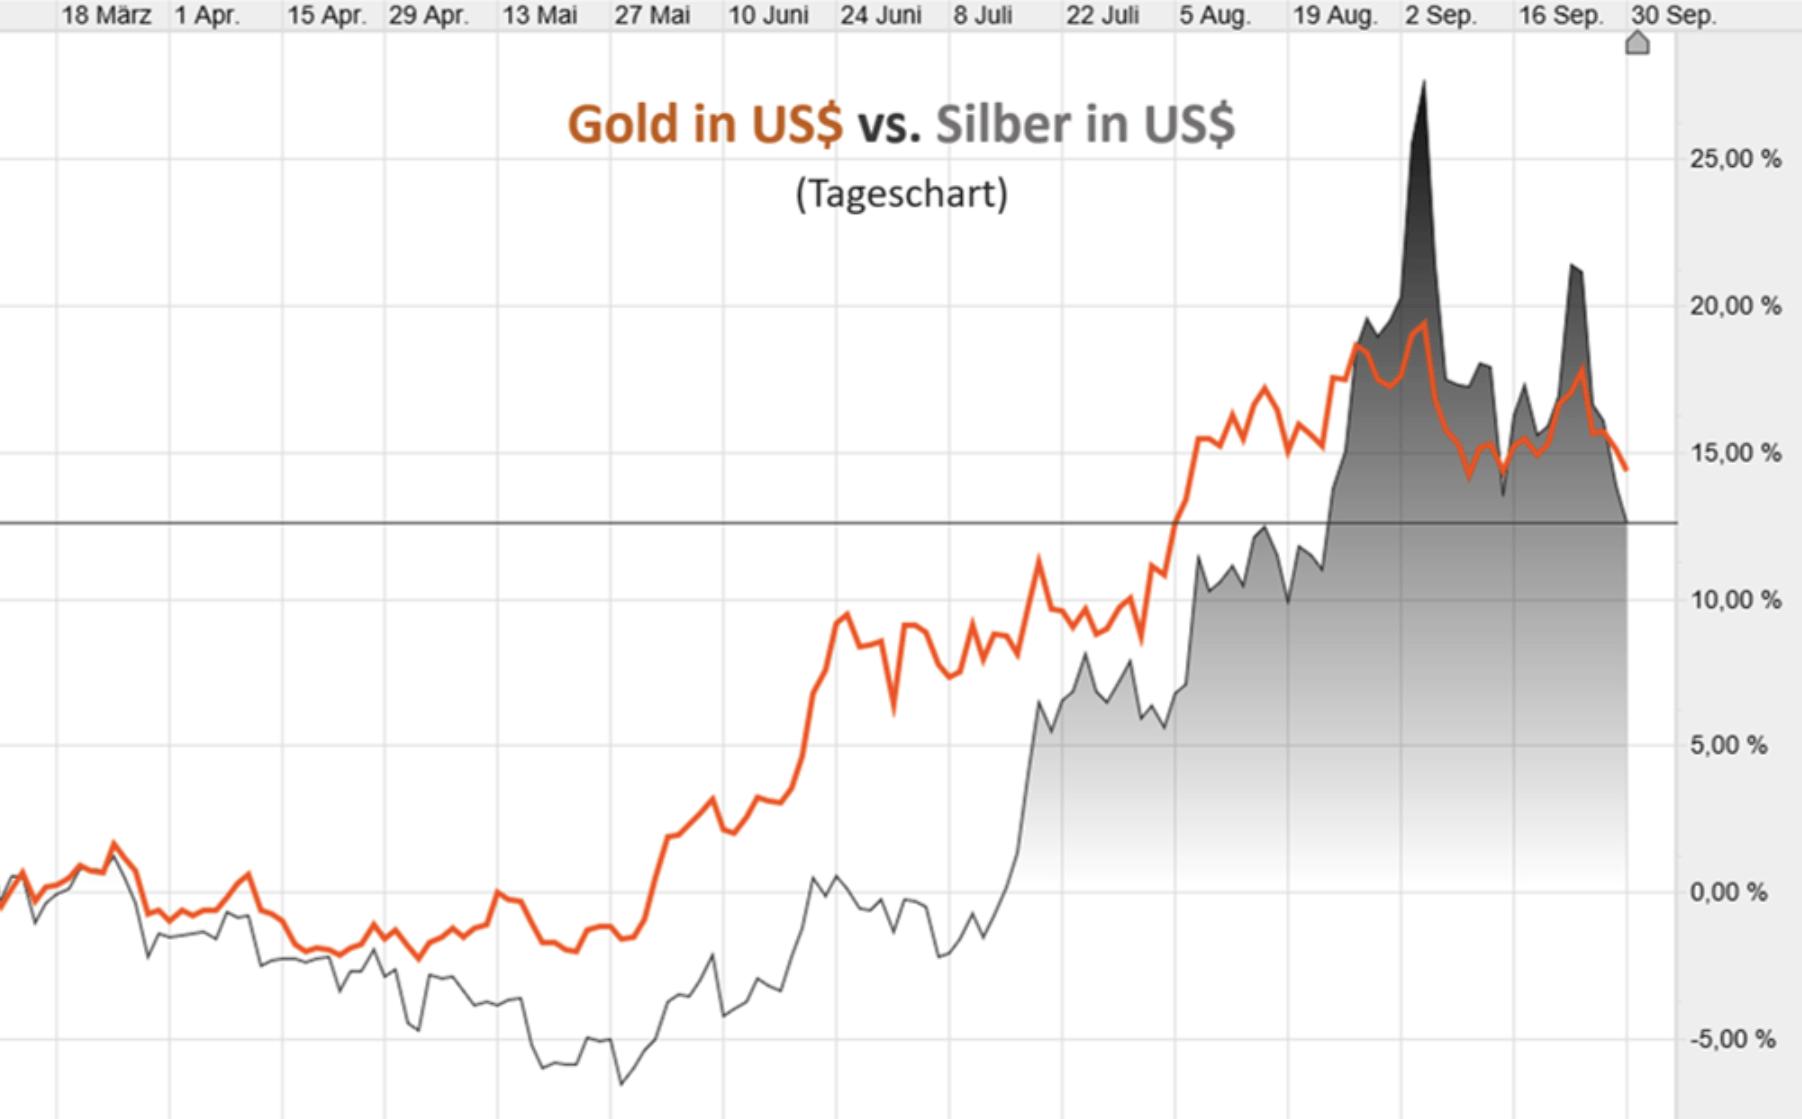 Gold vs Silber in USD